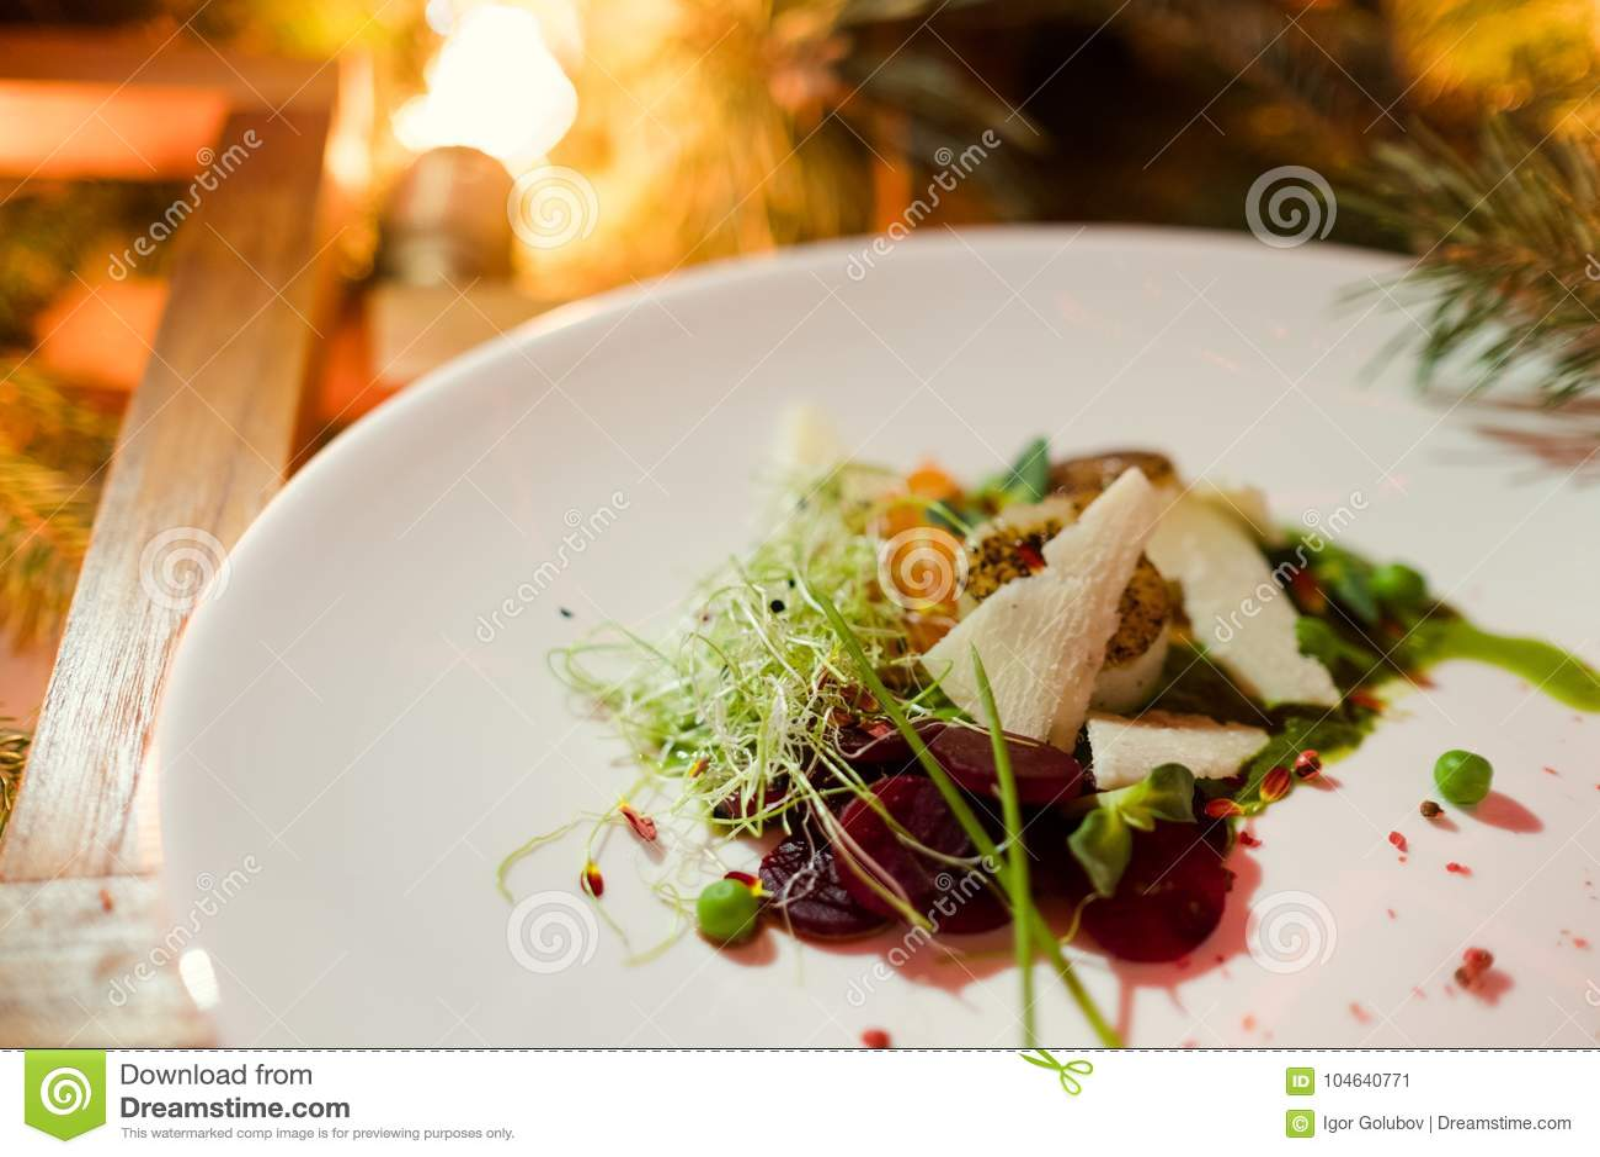 Download De Schotel Gezonde Maaltijd Van Het Vakantierestaurant Stock Afbeelding - Afbeelding bestaande uit lichten, vers: 104640771